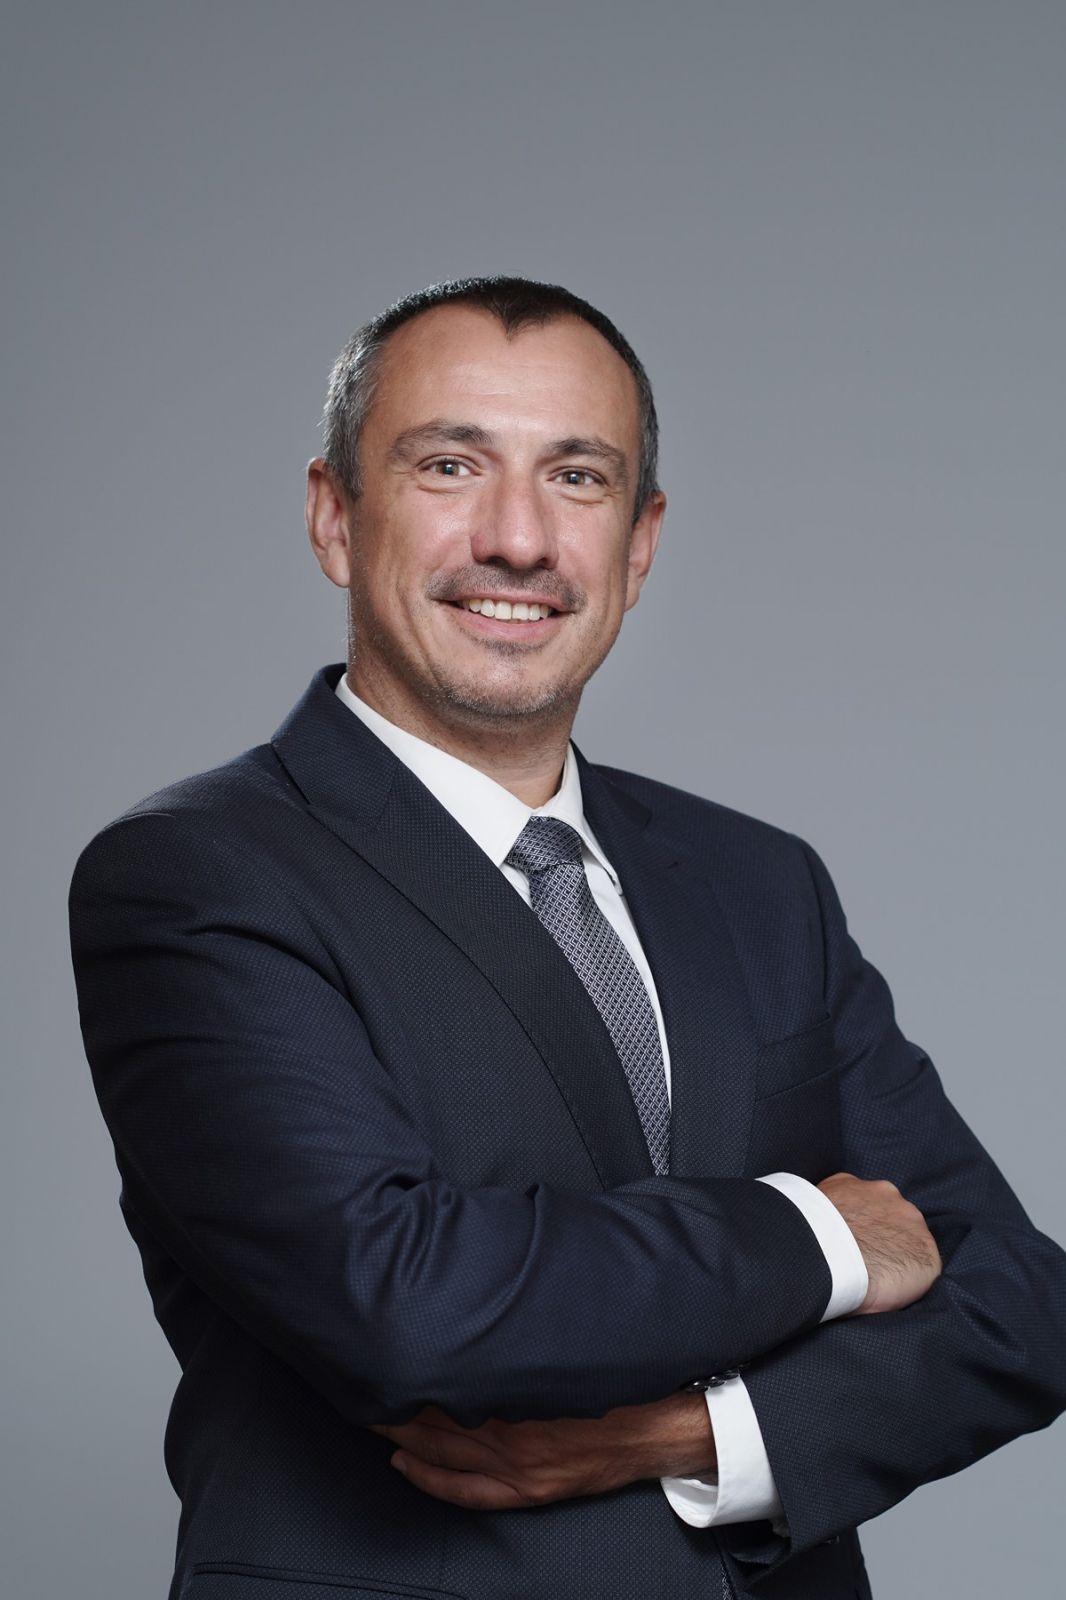 Radosław Wojtas